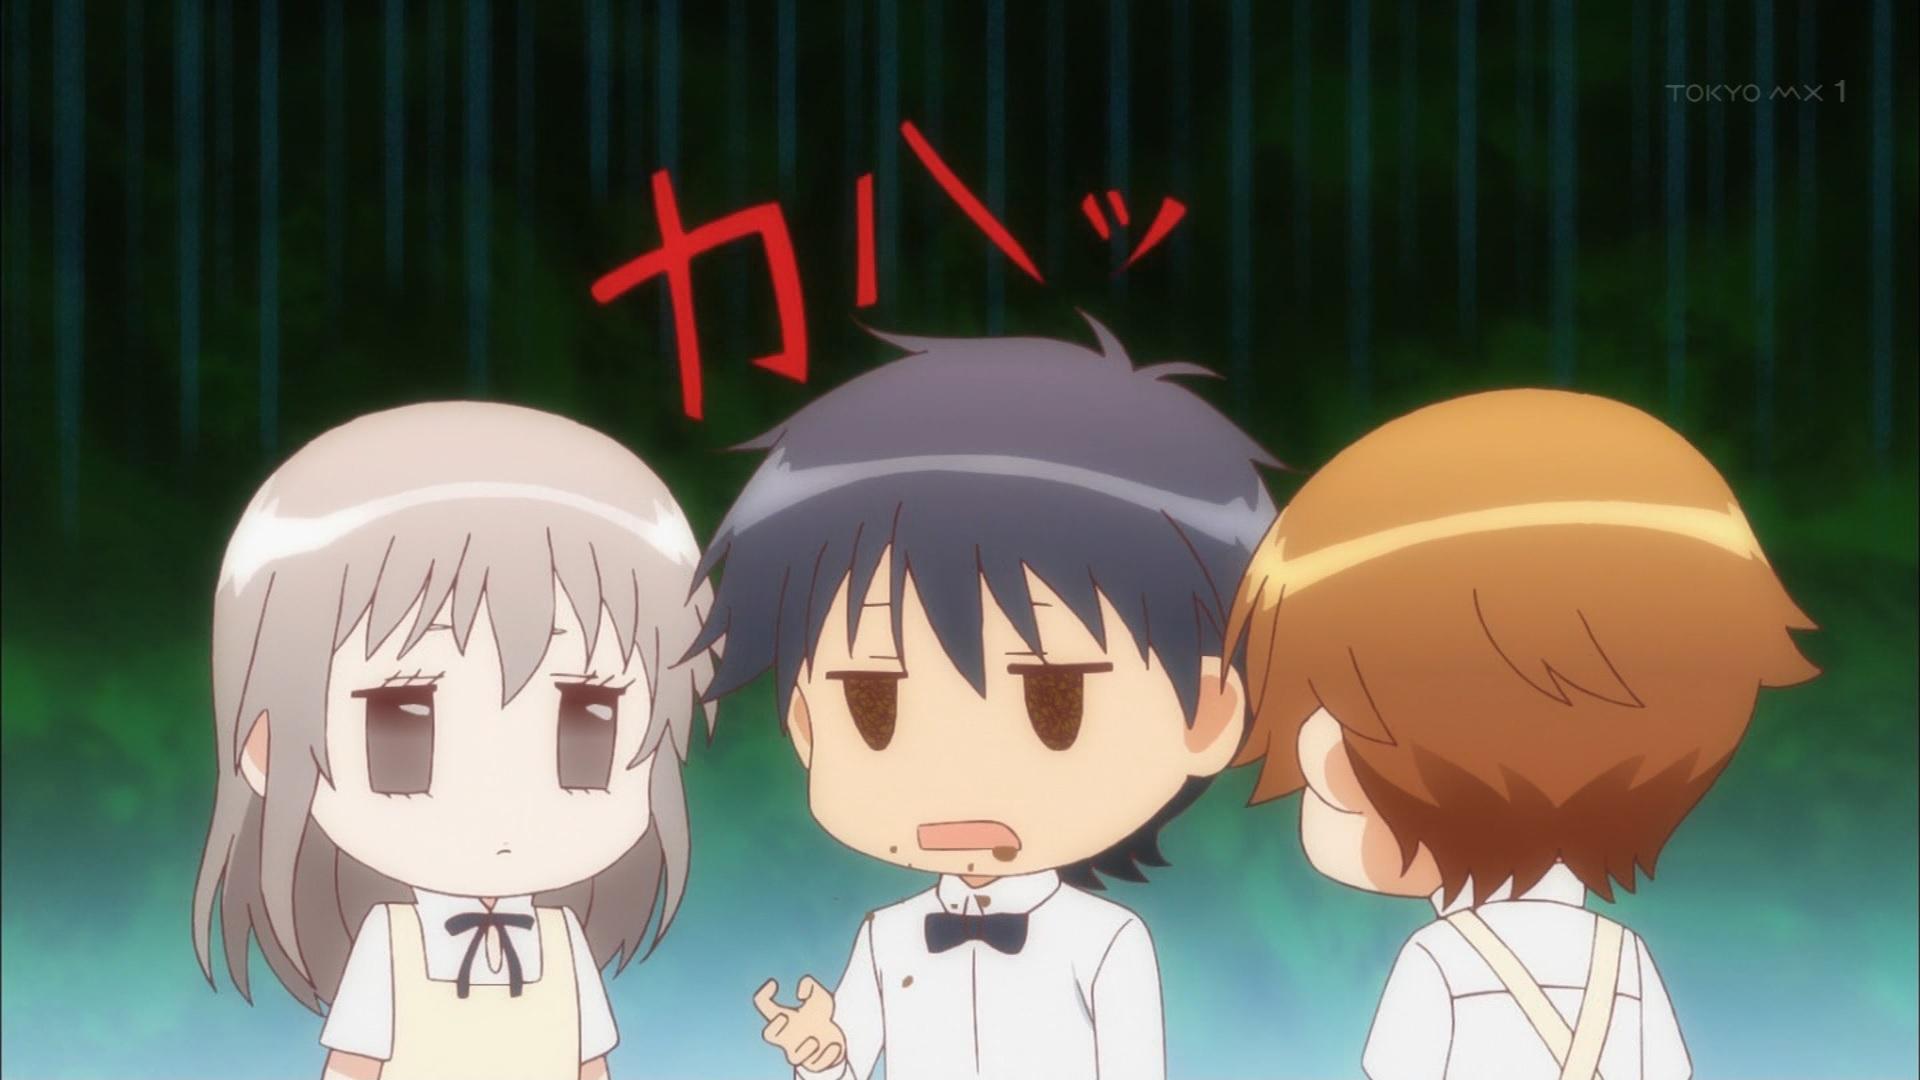 宮越さんのチョコを吐く東田(第1話)